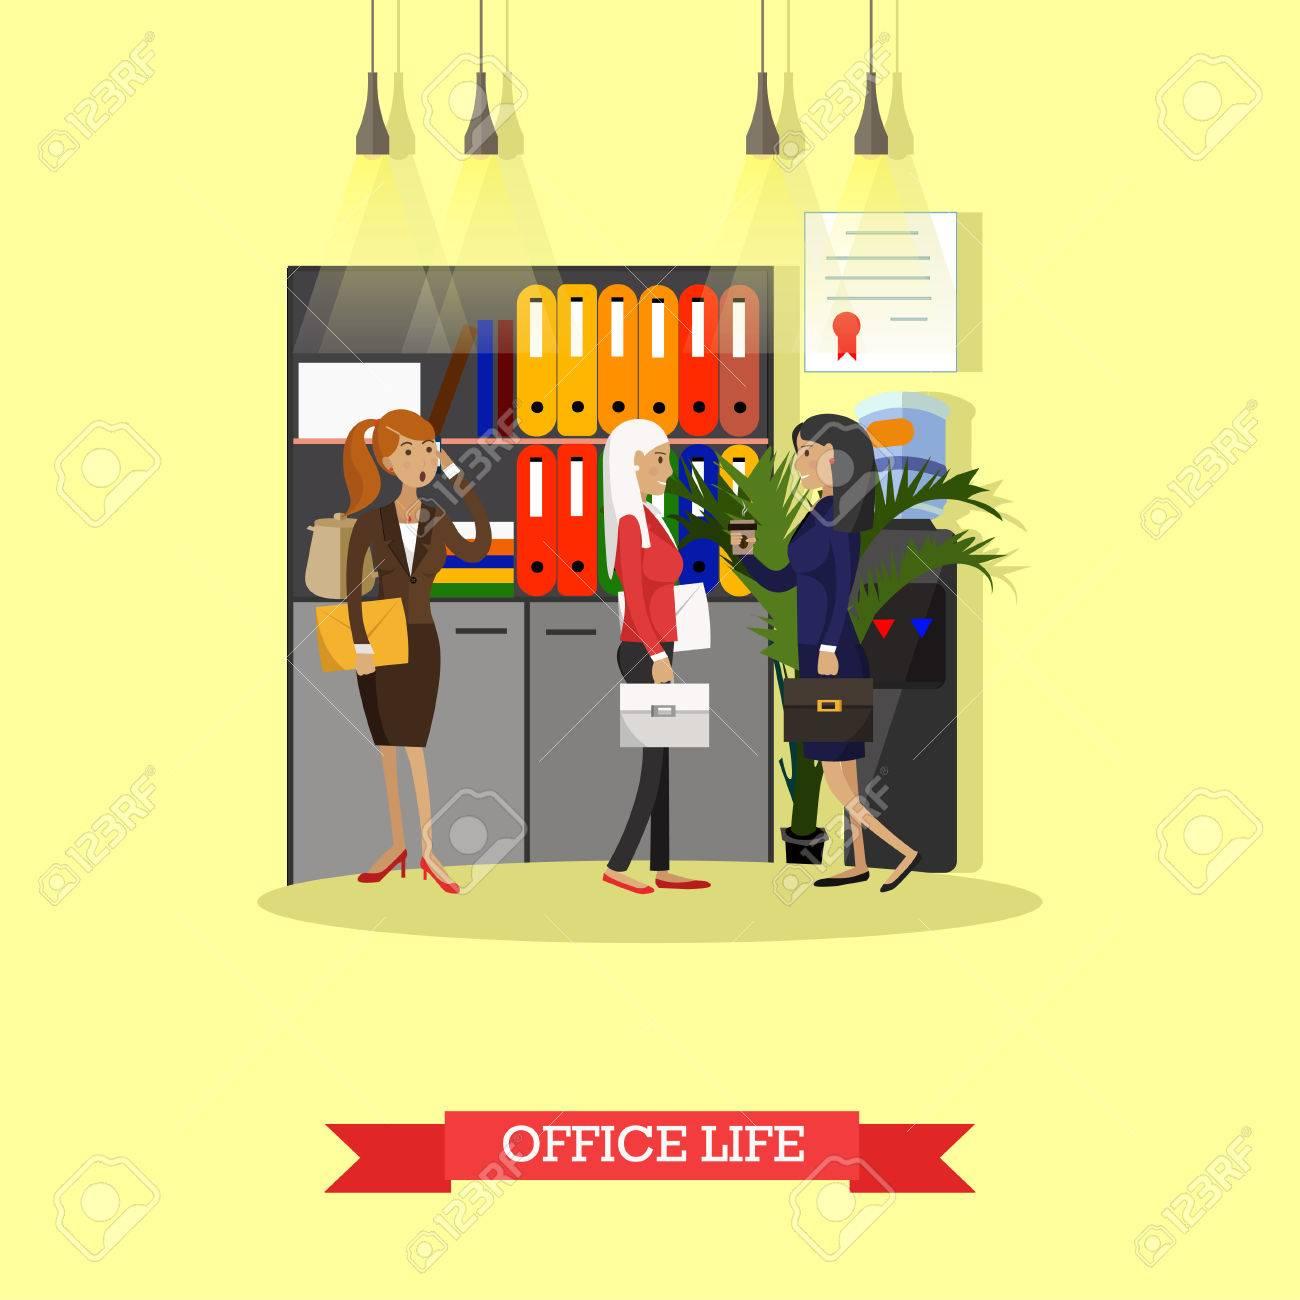 Office-Leben-Konzept Vektor-Illustration In Flachen Stil ...